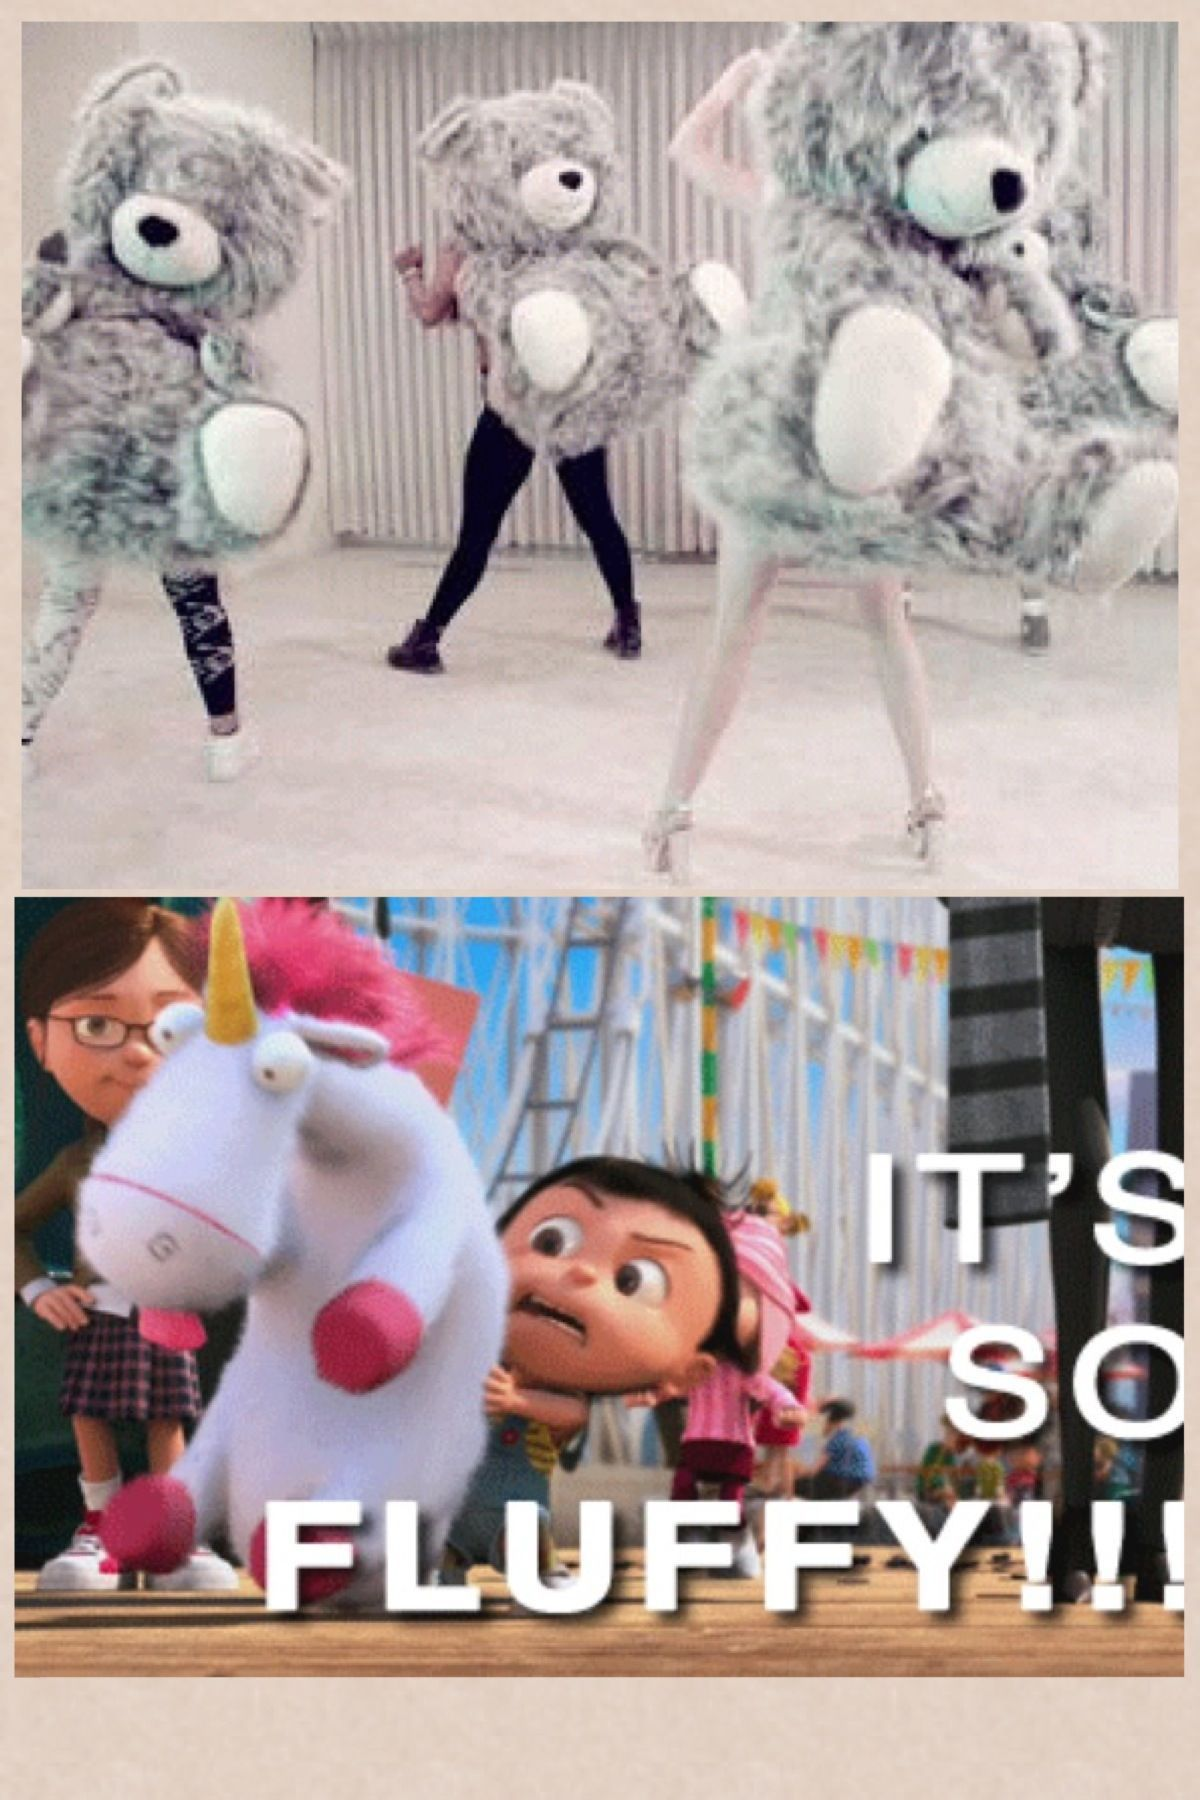 So fluffy - meme